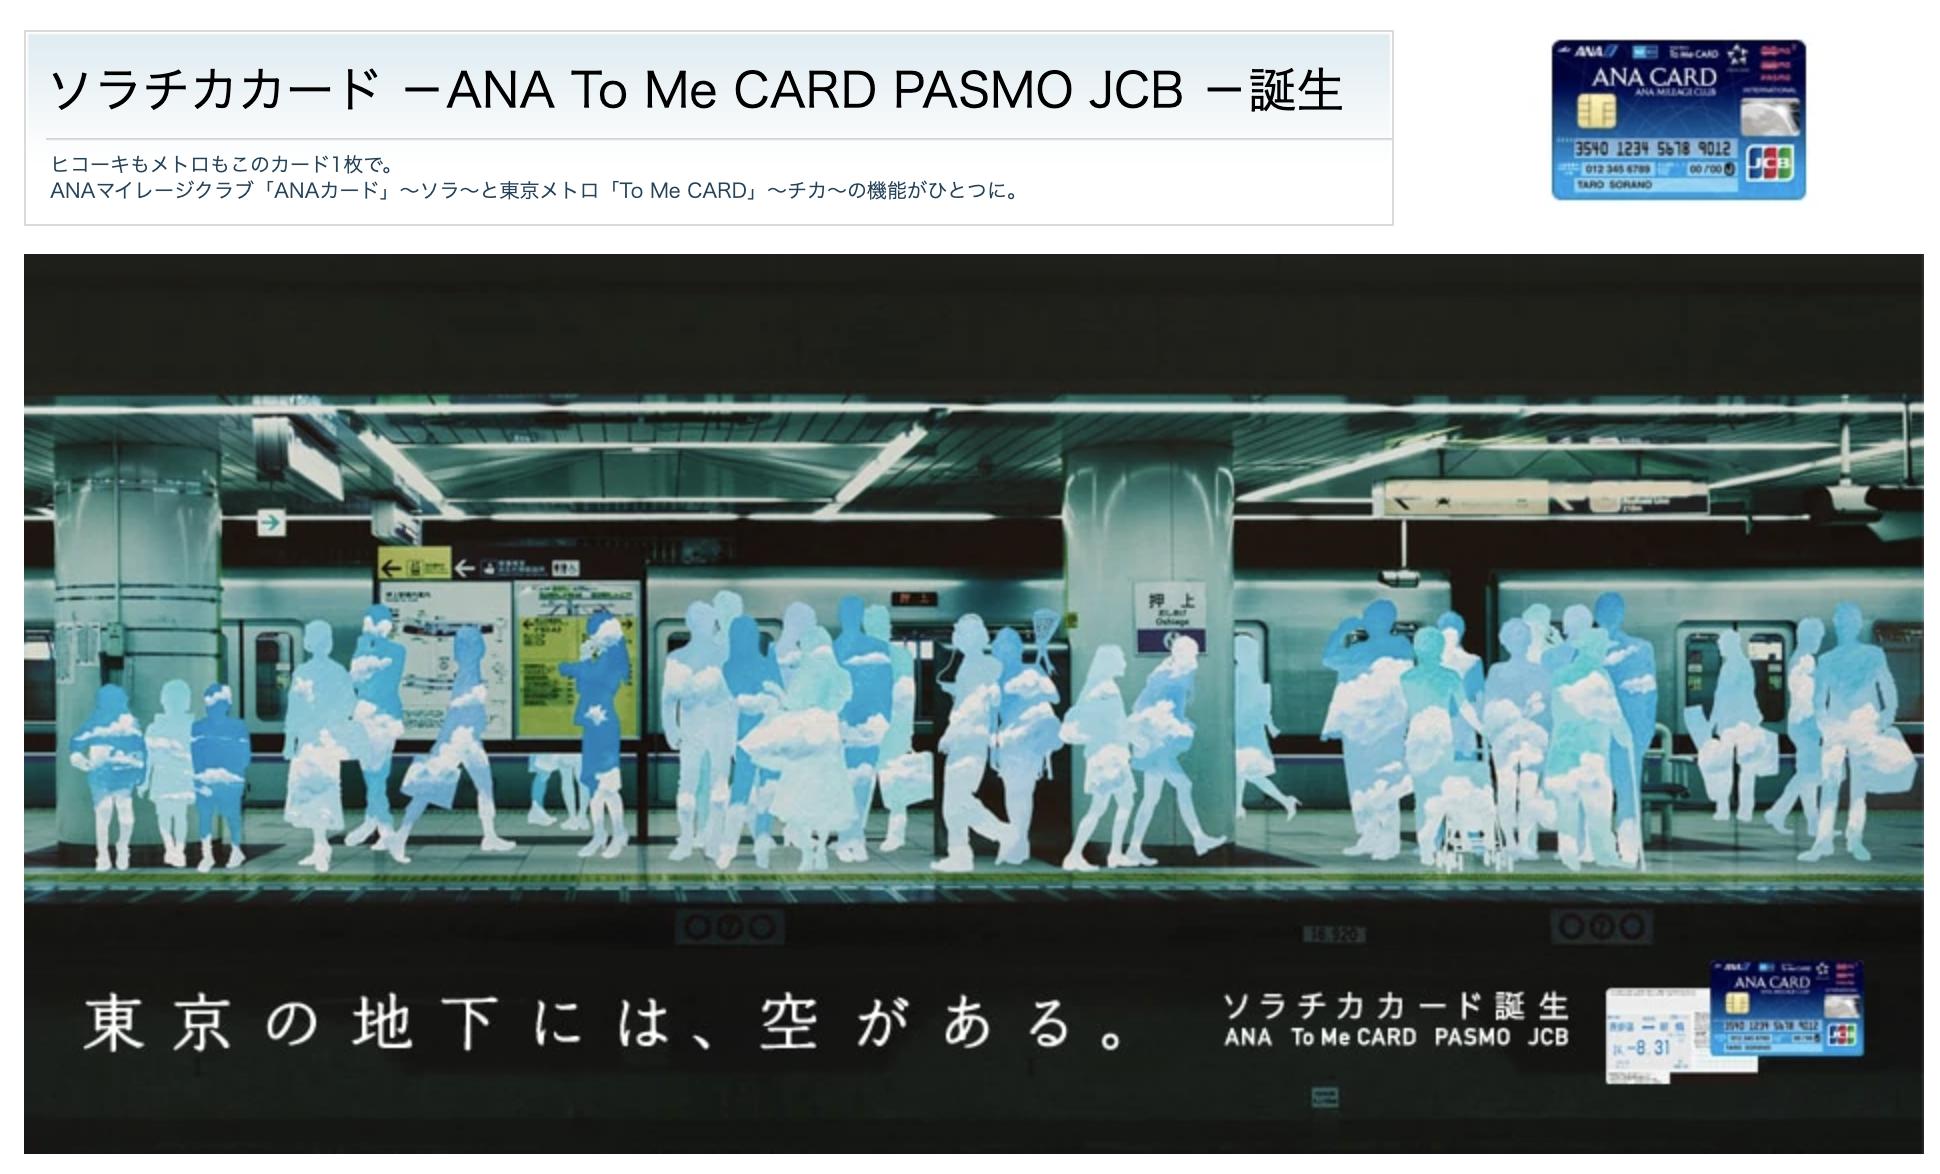 ソラチカ一般カード(ANA To Me CARD PASMO JCB)の魅力!LINEルート閉鎖でも価値アリ